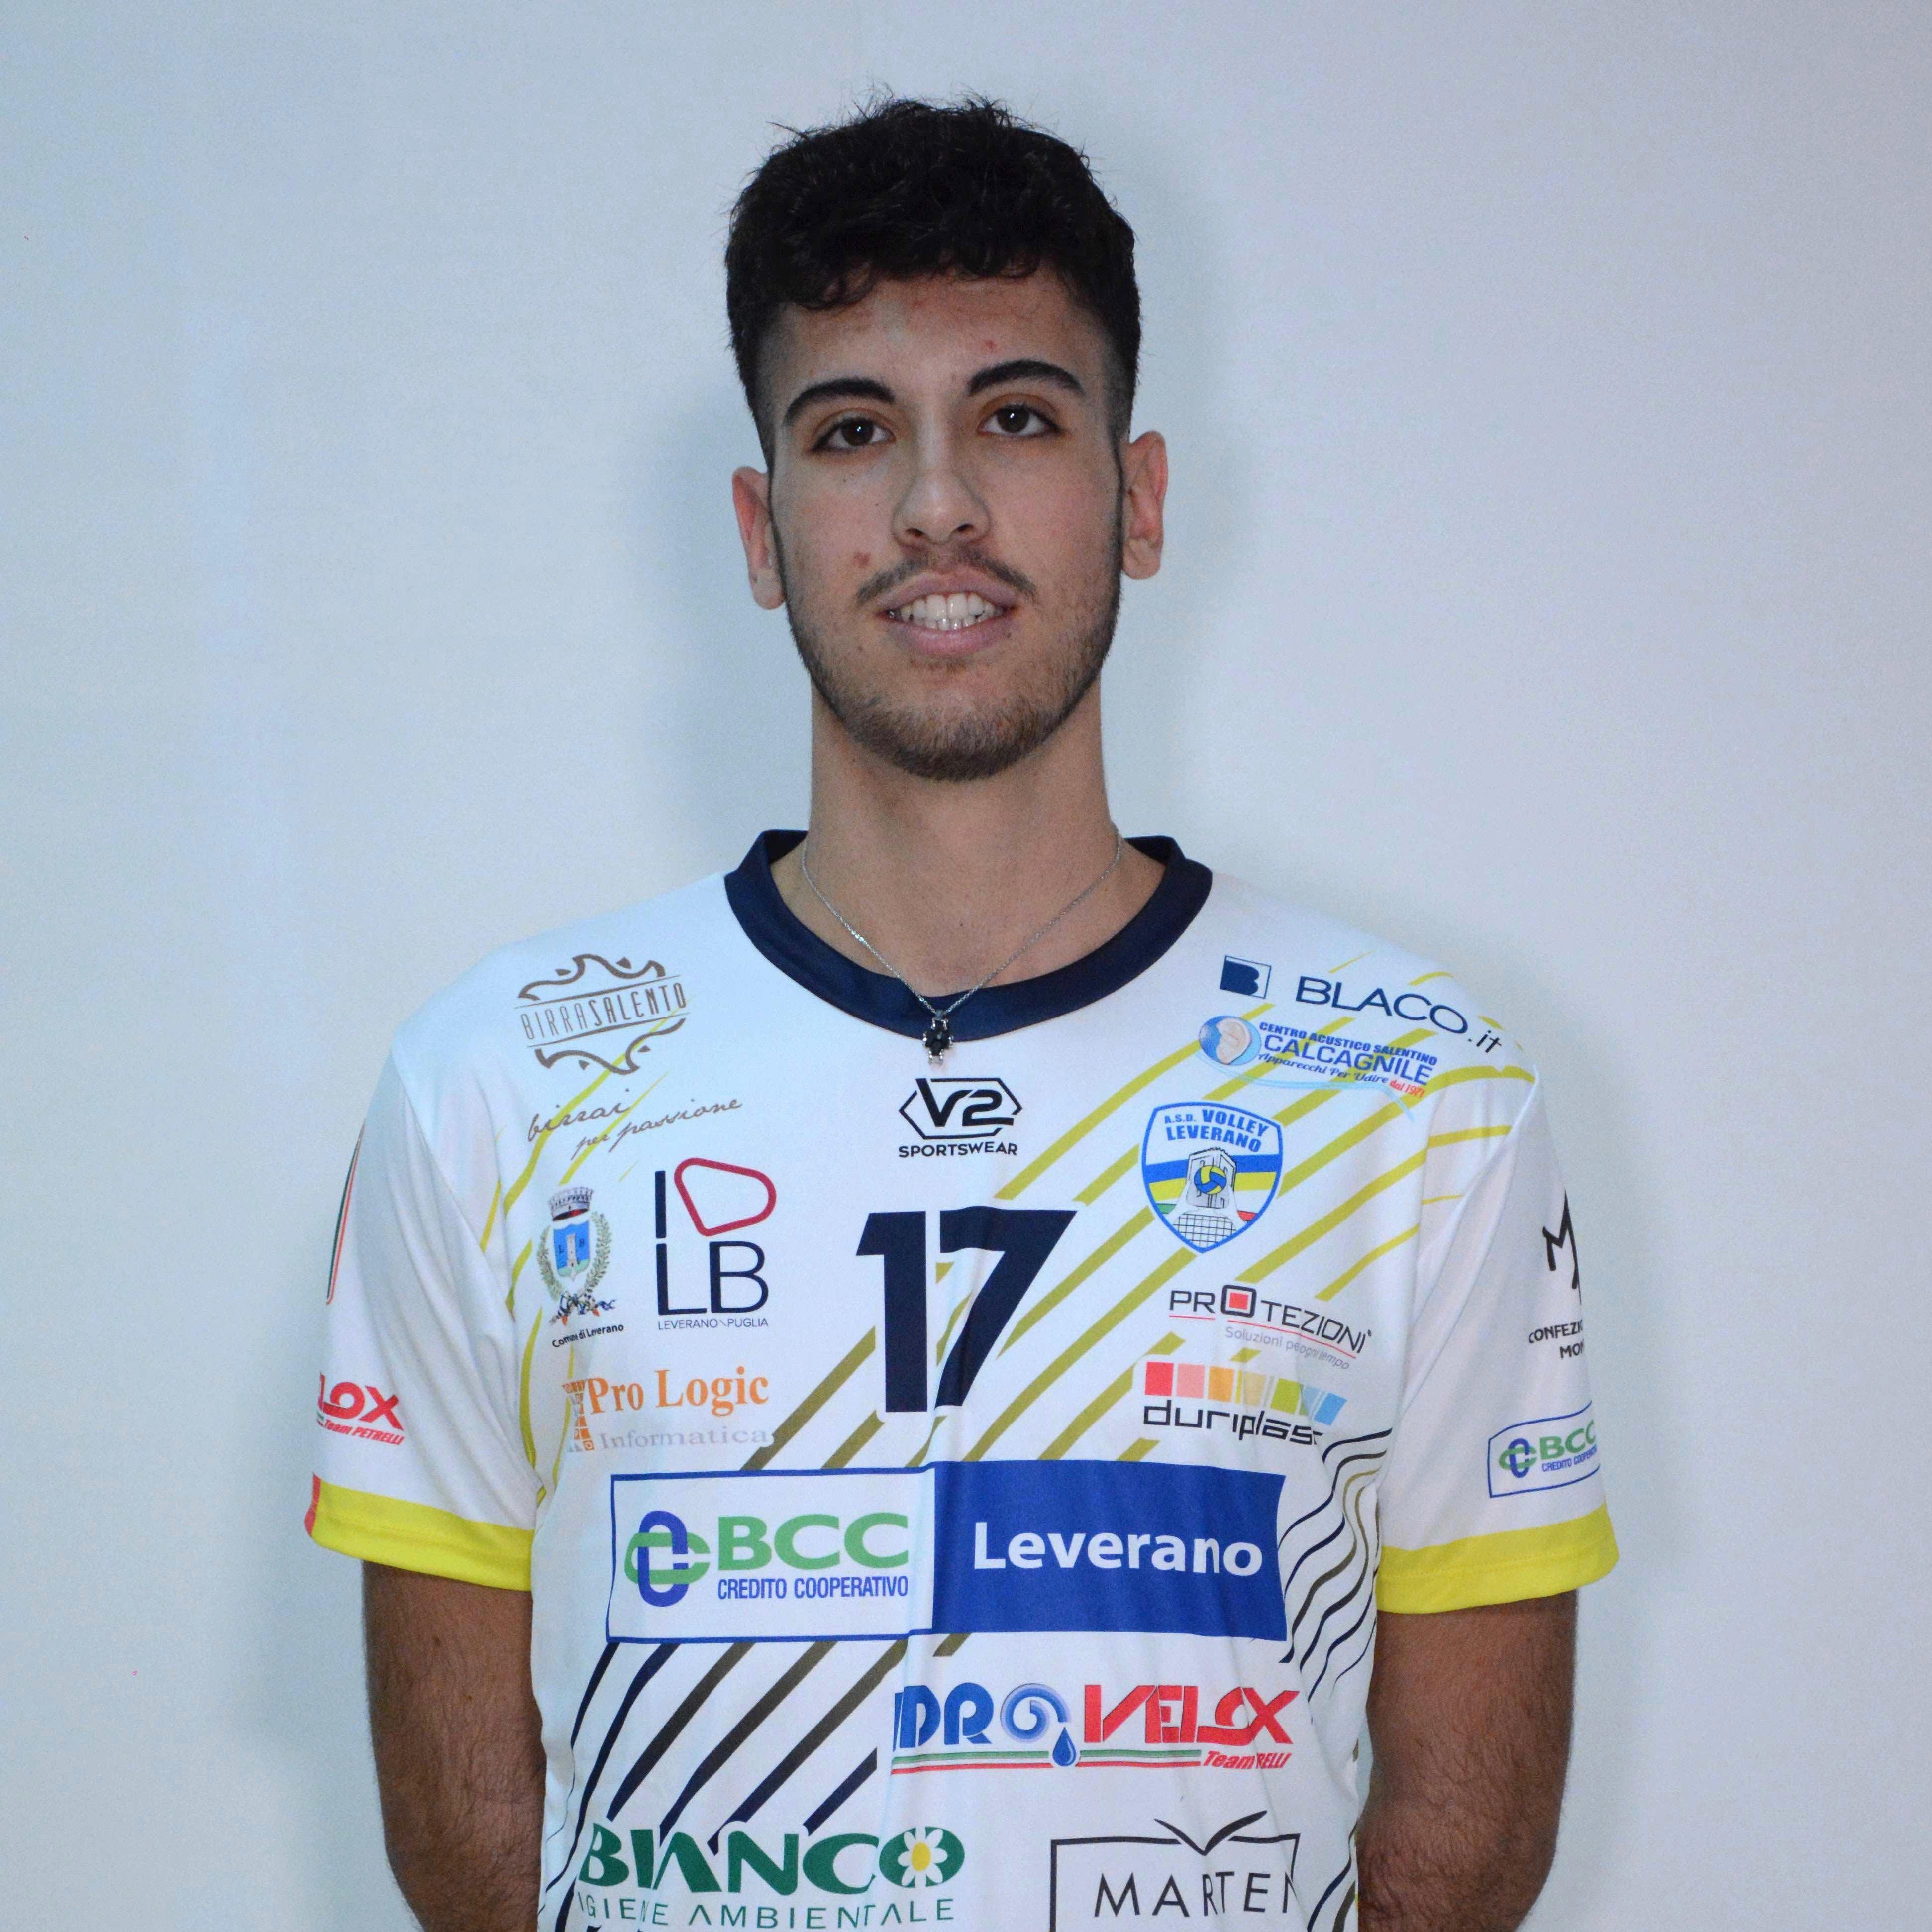 Riccardo Miraglia